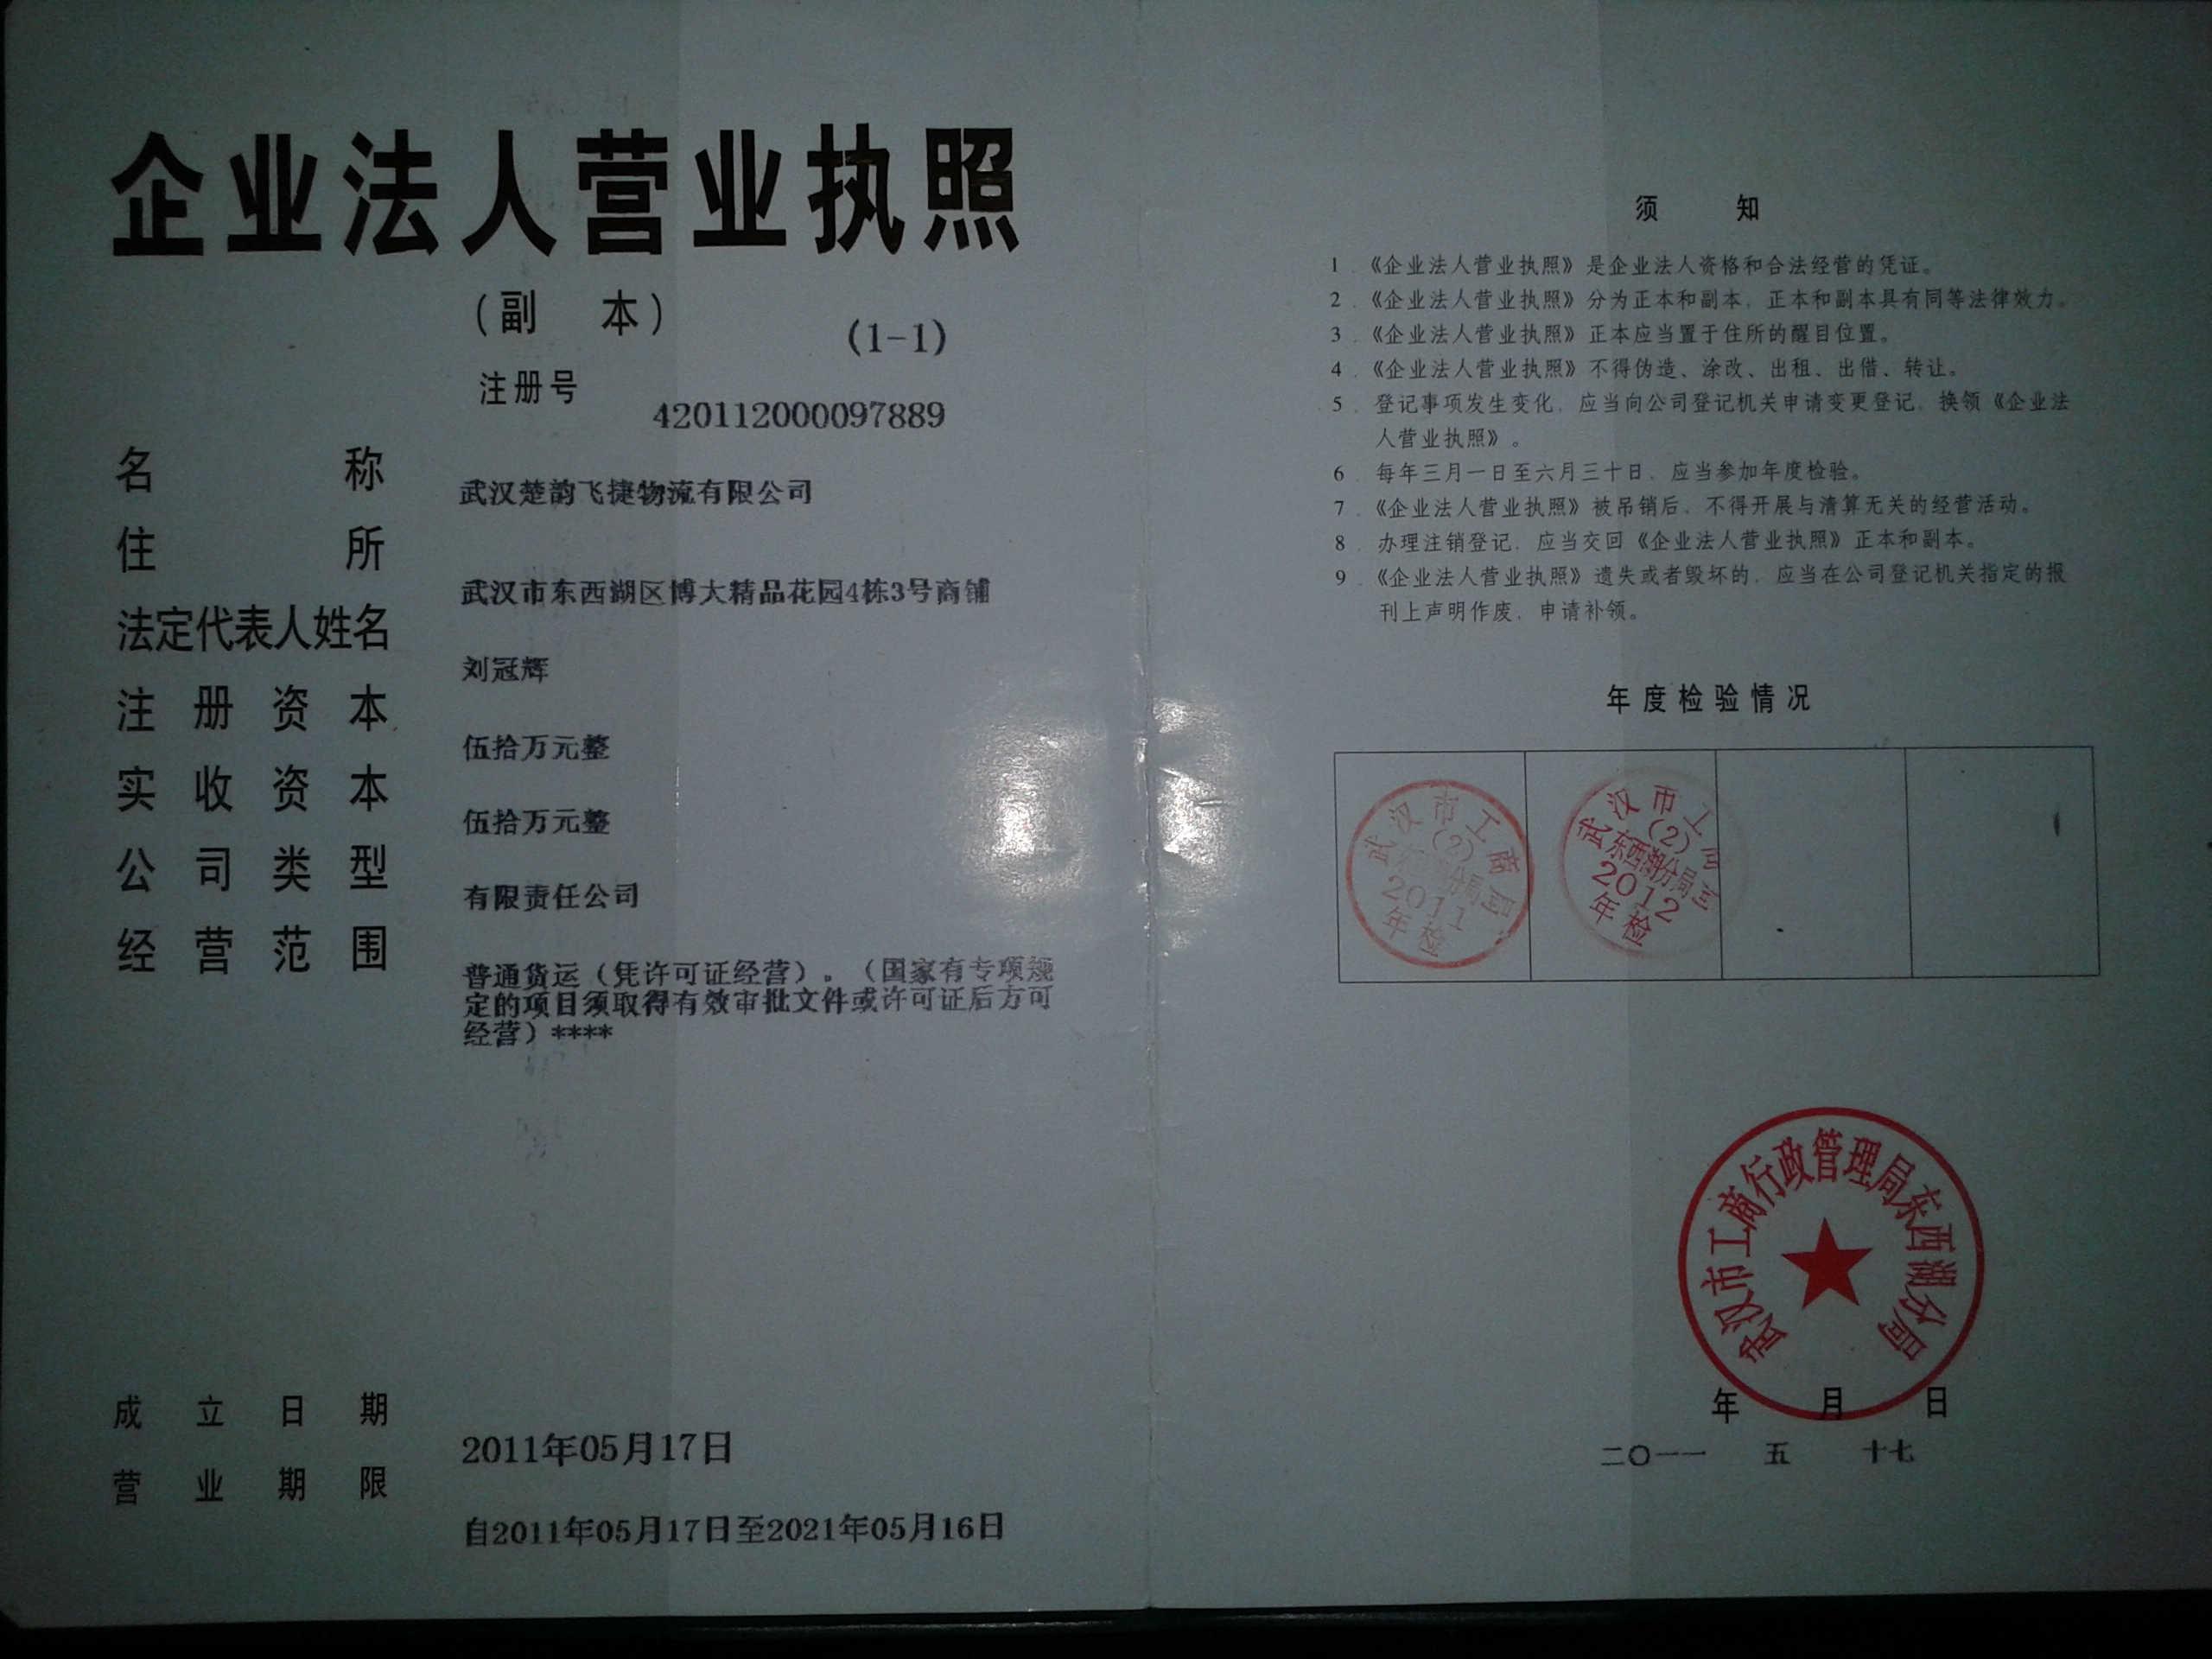 武汉楚韵飞捷物流公司